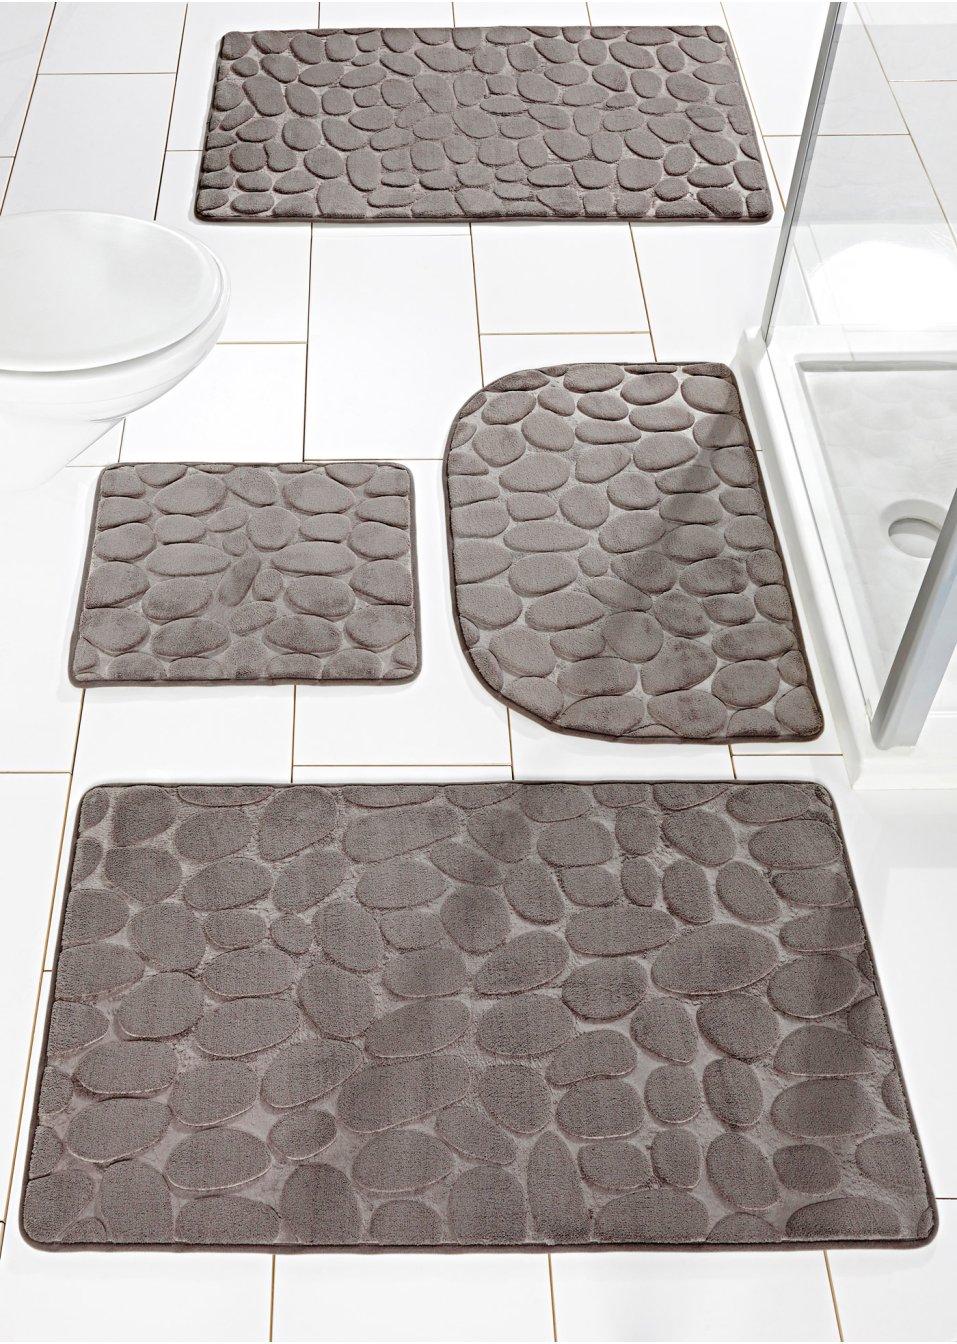 superweiche badematte stone aus memory schaum grau. Black Bedroom Furniture Sets. Home Design Ideas